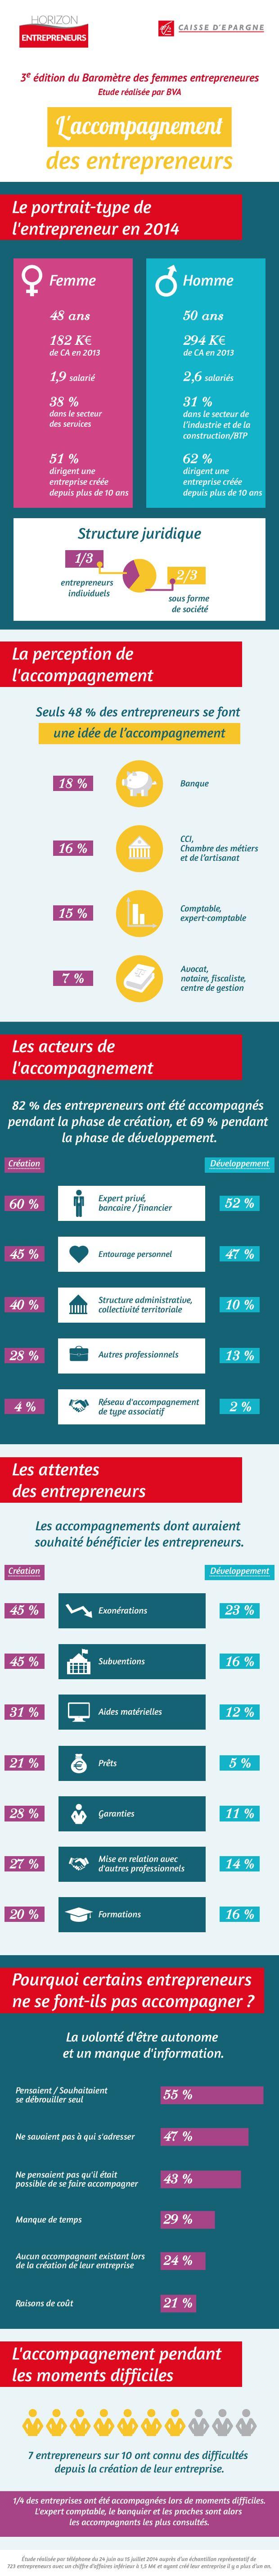 10/2014 - Découvrez les résultats du 3e Baromètre Caisse d'Epargne Femmes entrepreneures, sur le thème de l'accompagnement. En savoir + http://magazine.horizonentrepreneurs.fr/2014/10/01/femmes-entrepreneures/resultats-du-3e-barometre-caisse-d-epargne-des-femmes-entrepreneures